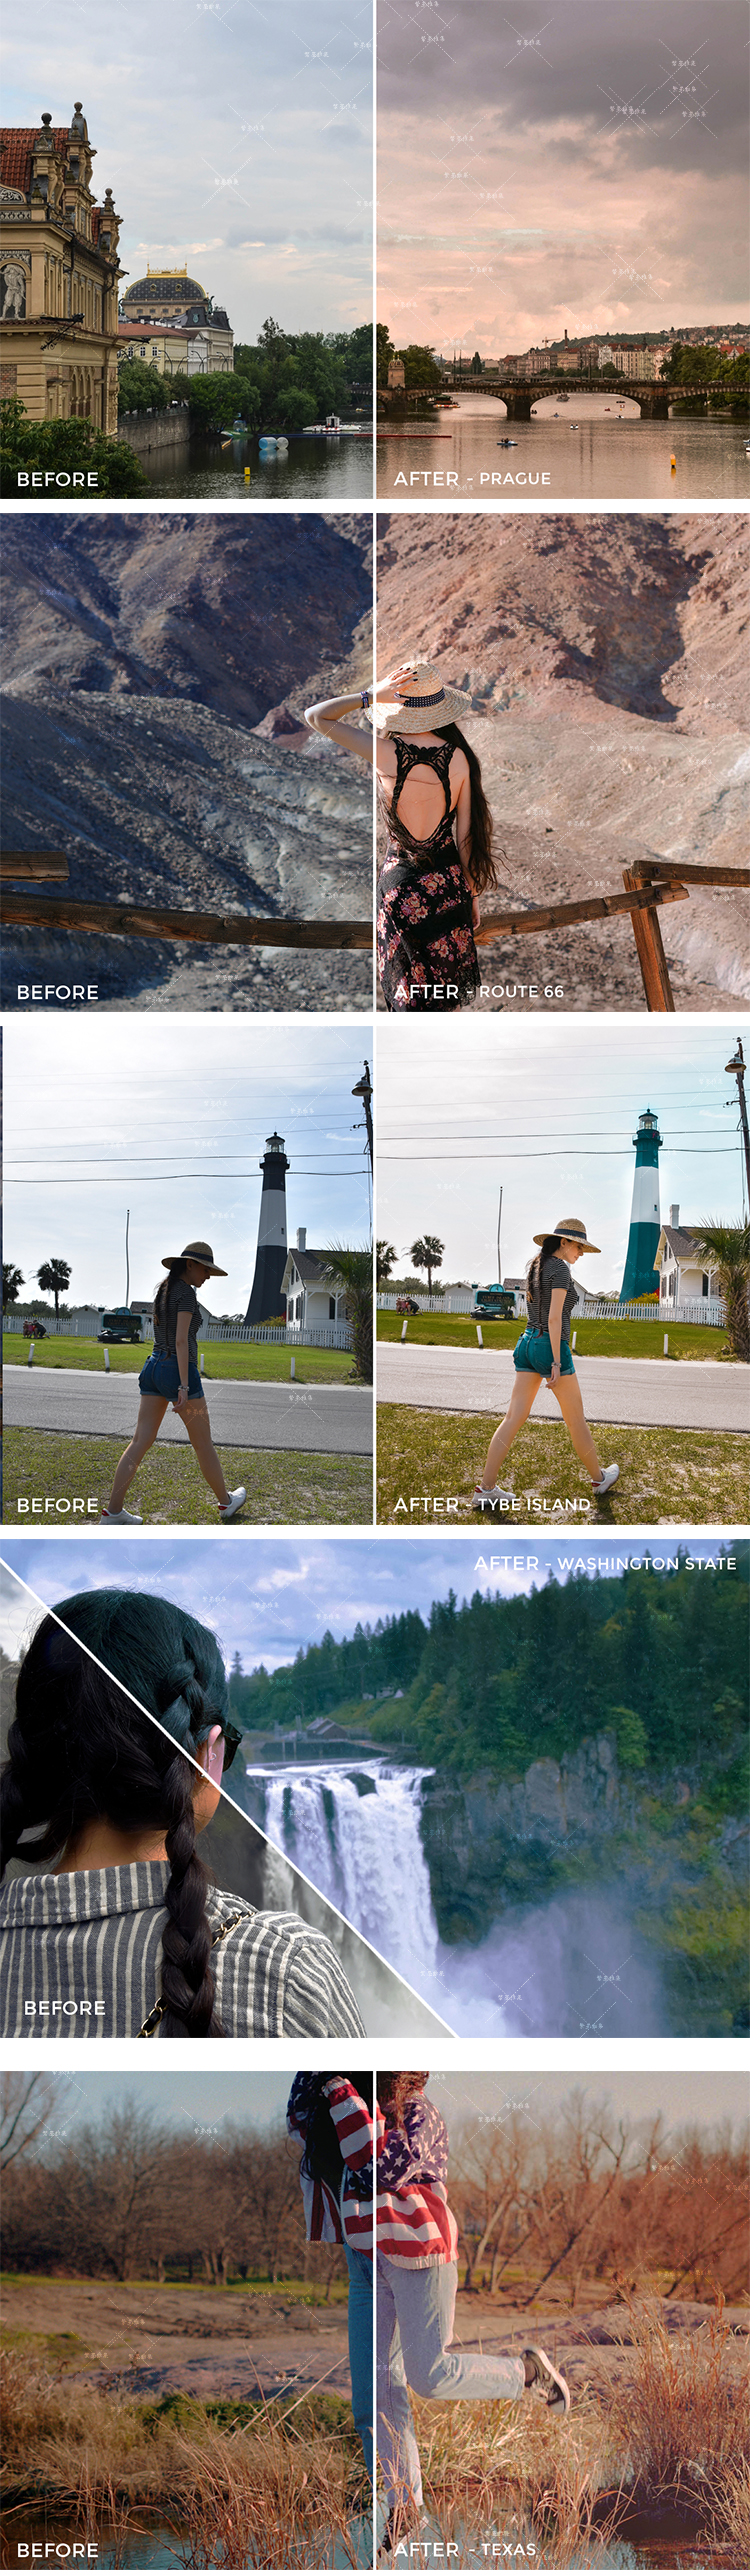 LR预设手机APP滤镜Lightroom调色旅行风景肖像城市旅拍人像 S3